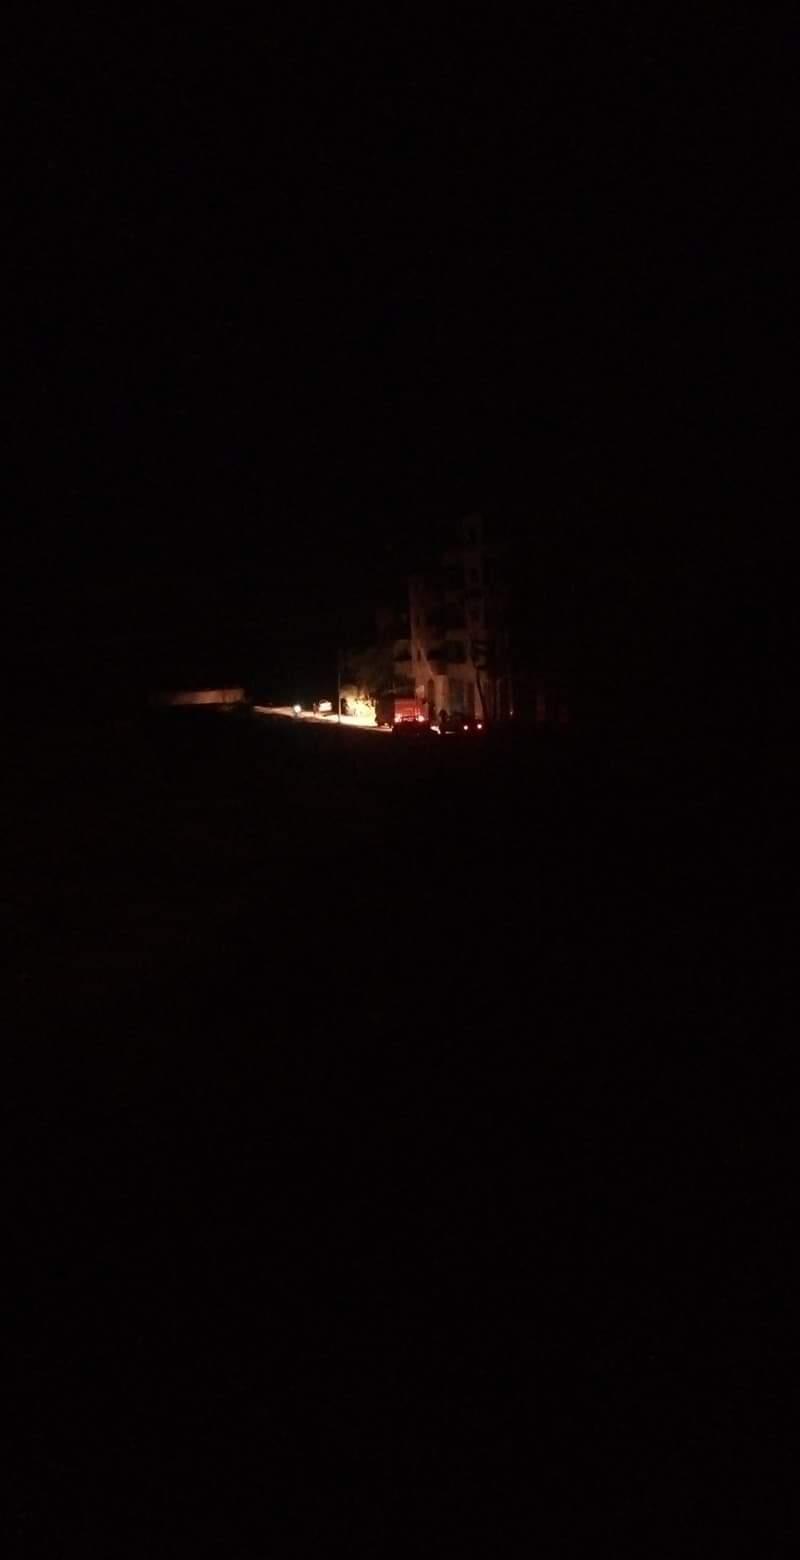 سيارة الإسعاف فى طريقها لموقع الحادث (4)